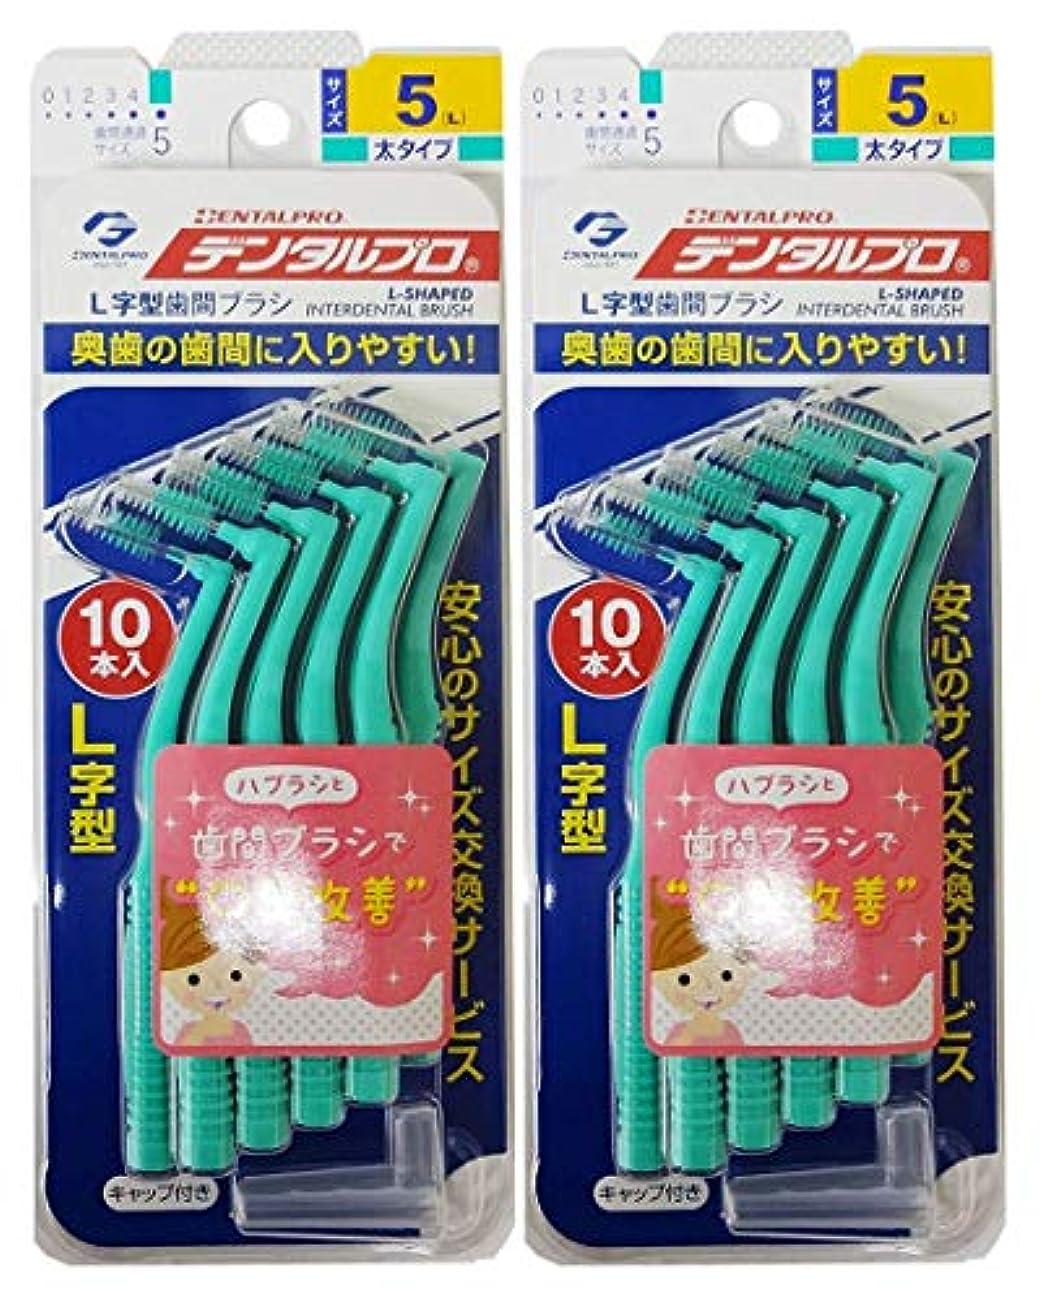 バレエオフセット常習者デンタルプロ 歯間ブラシ L字型 サイズ5(L) 10本入り × 2個セット